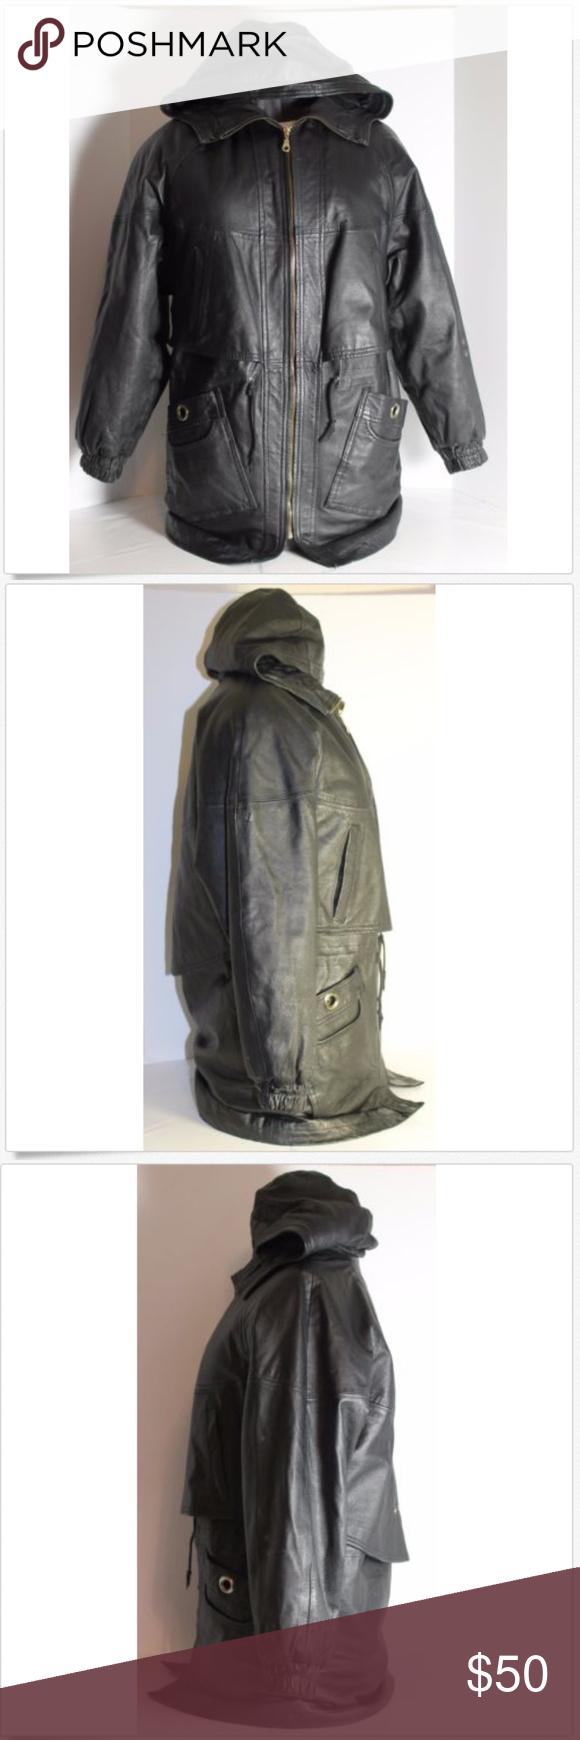 Comint Black Leather Jacket Coat Woman Sz Small Du Comint Black Leather Jacket Coat Woman Sz Small Dust Coats Jackets Women Black Leather Jacket Leather Jacket [ 1740 x 580 Pixel ]